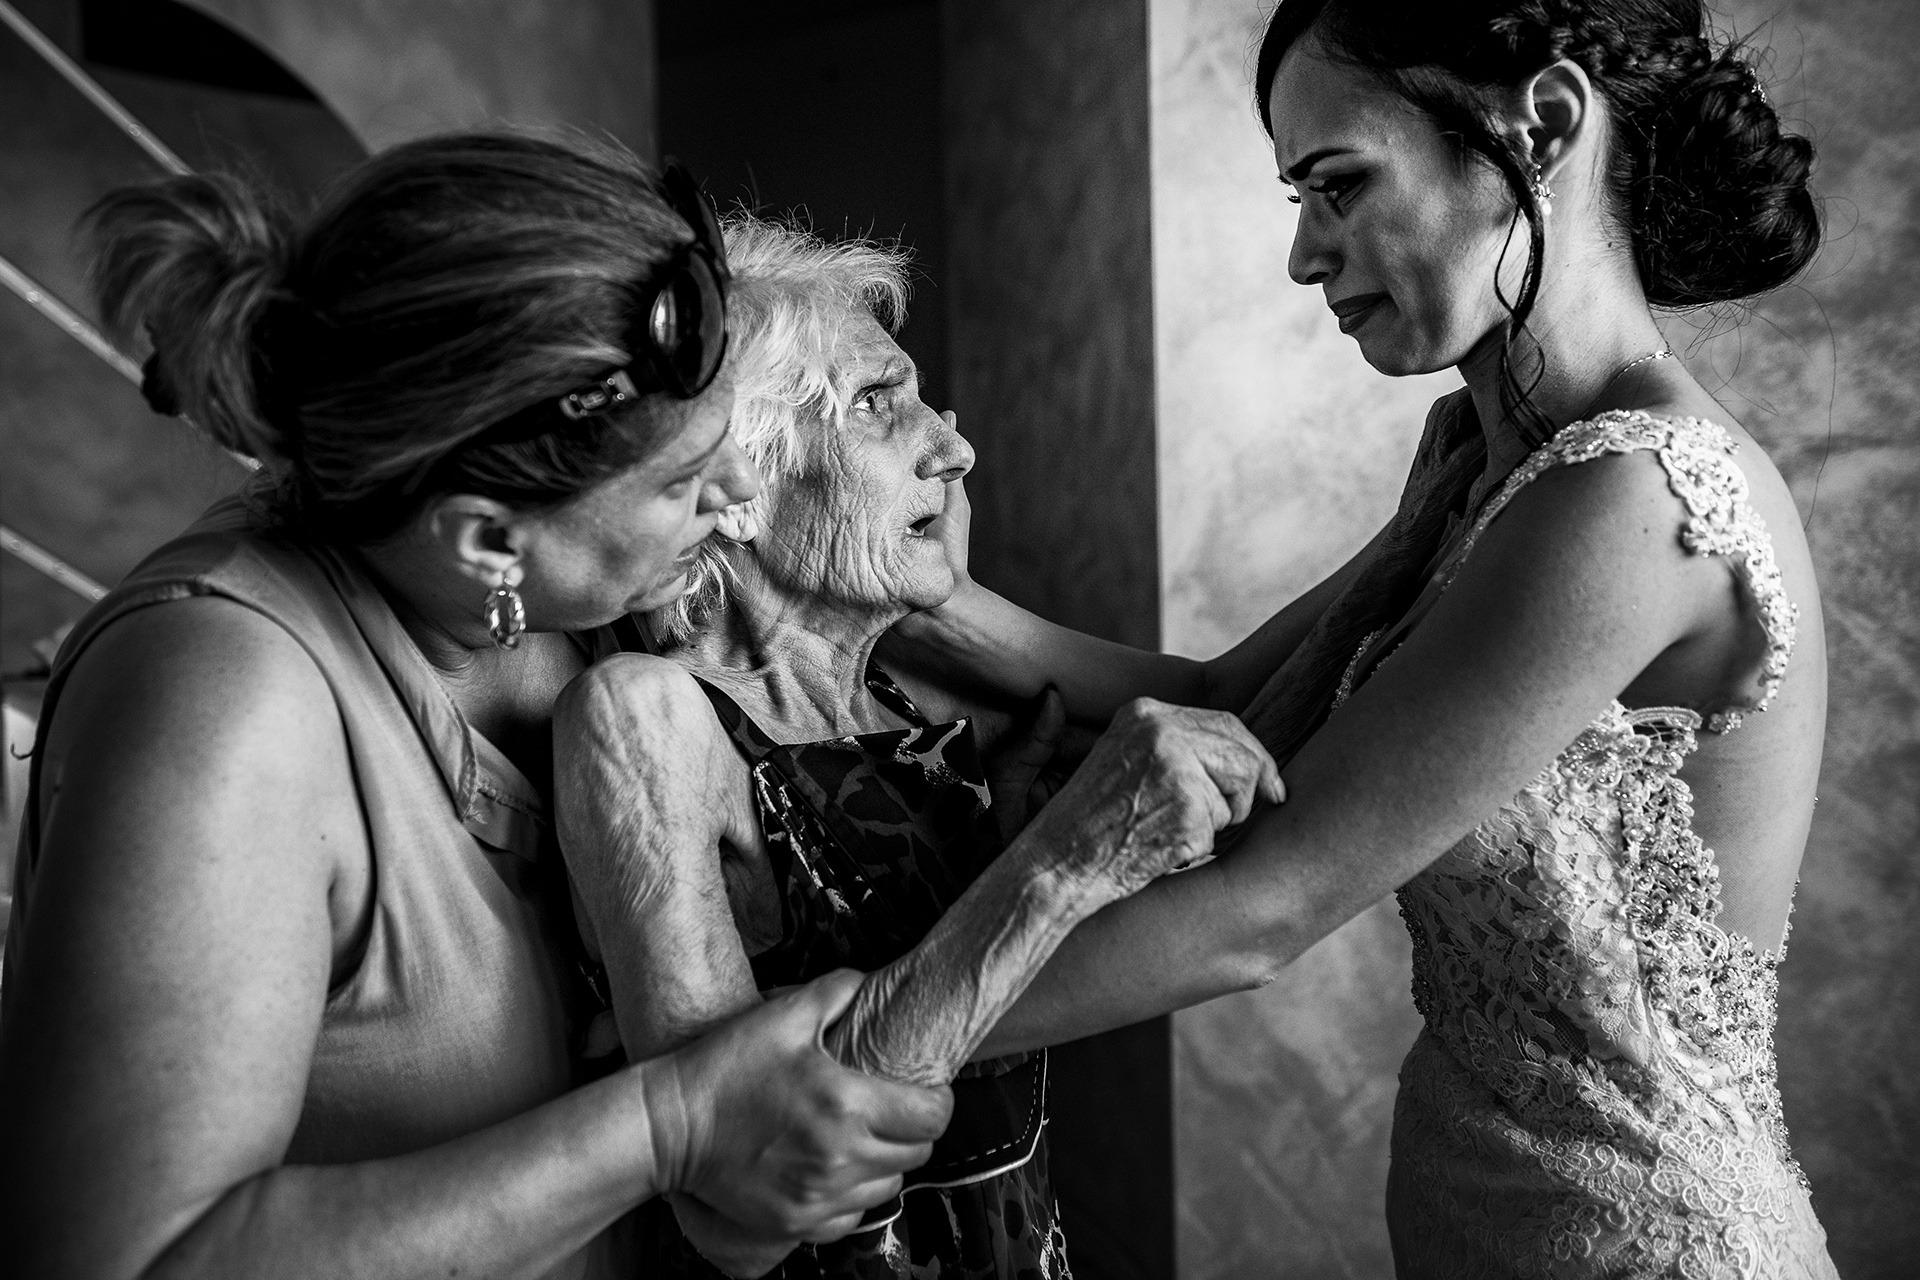 Il fotoreporter di matrimoni cattura generazioni | La sposa condivide un momento con sua madre e sua nonna prima della cerimonia